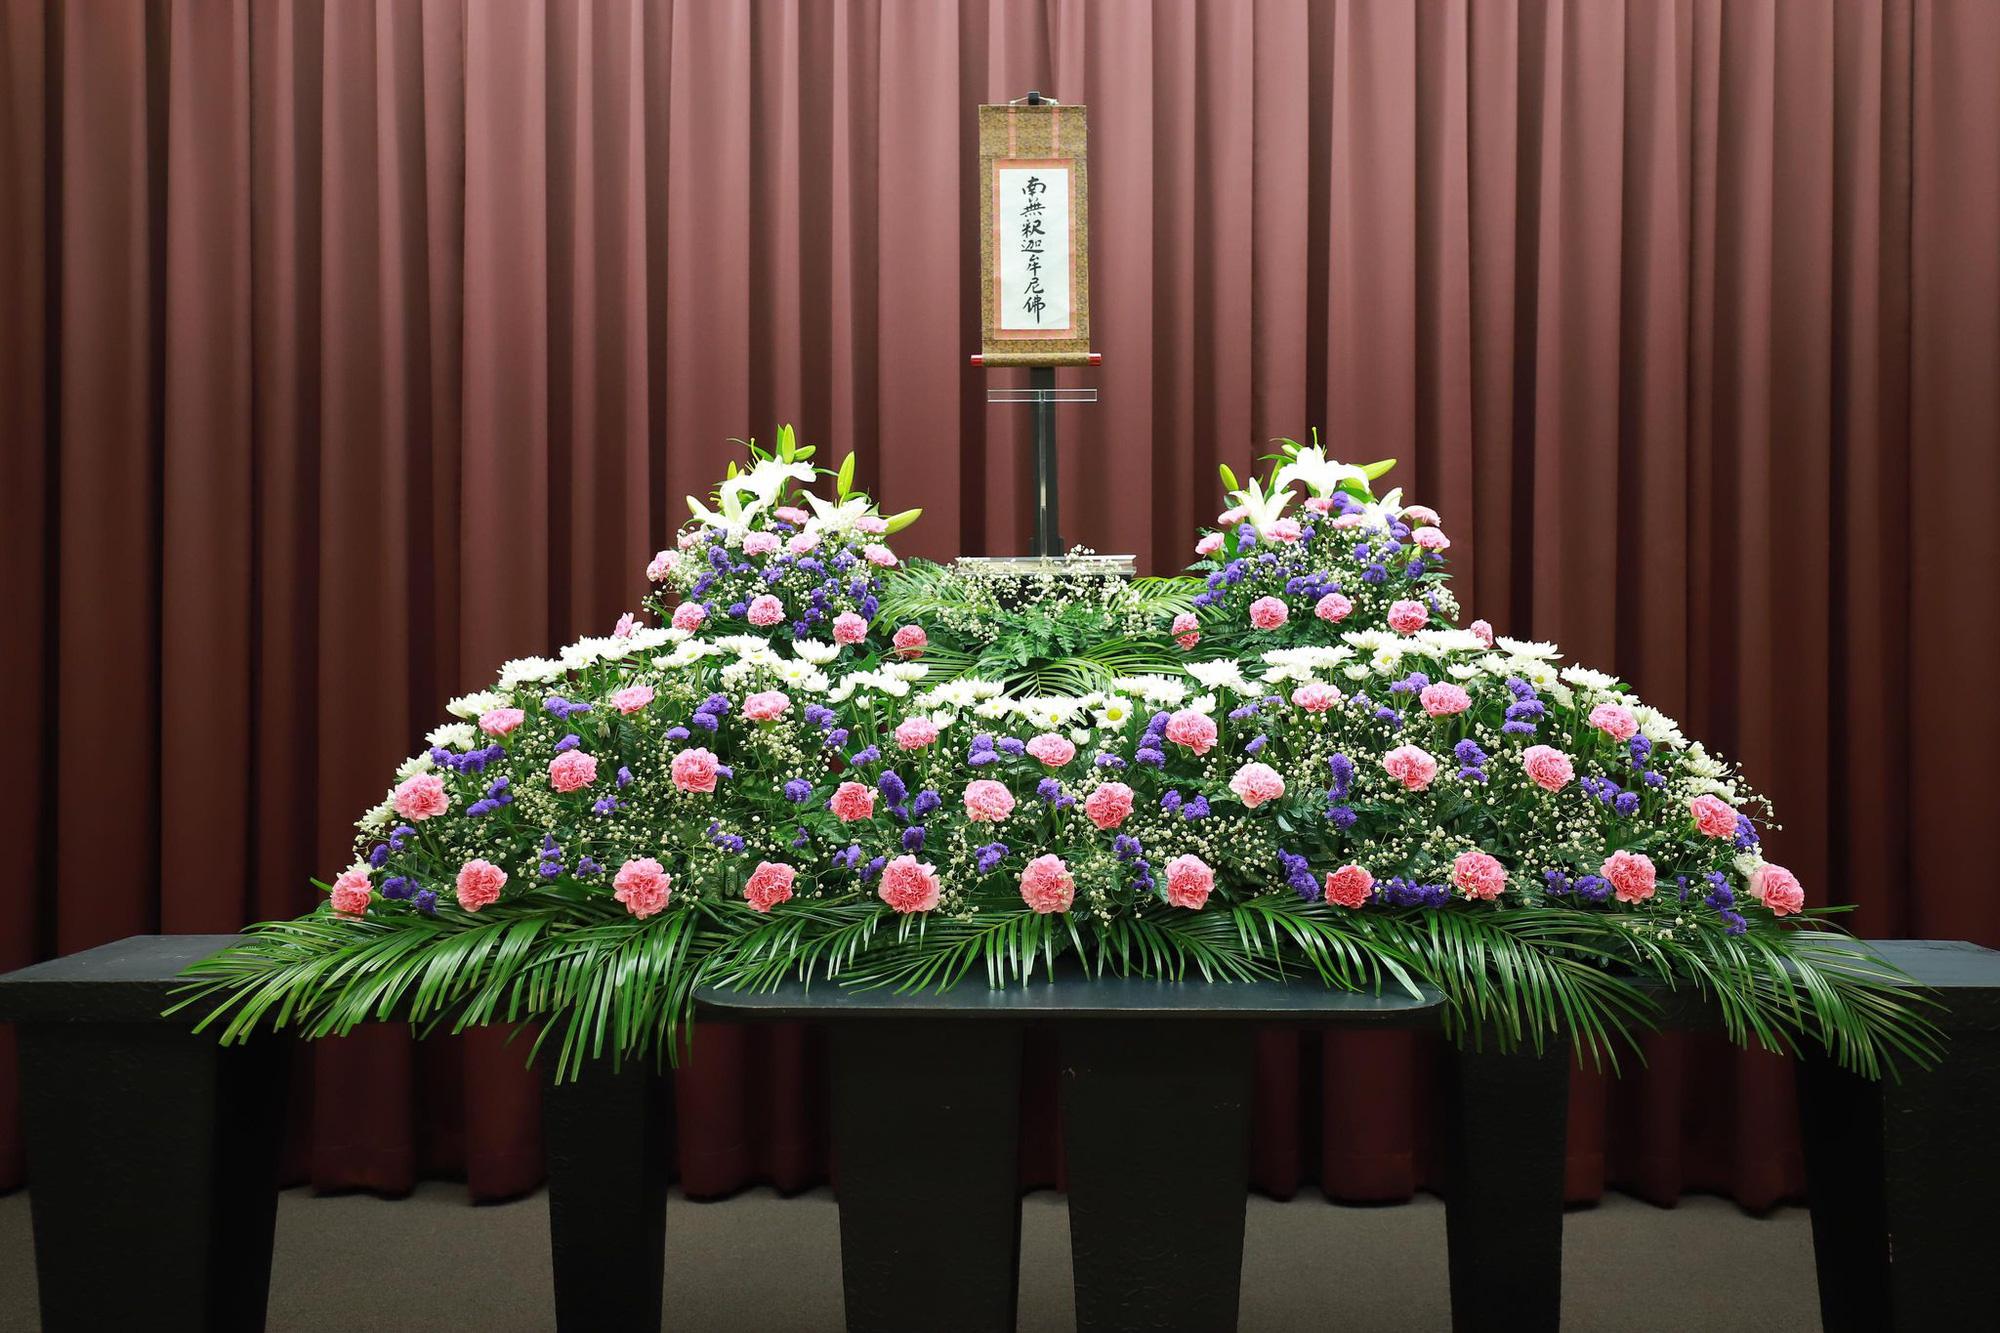 Xúc động cảnh bên trong buổi tang lễ của nam du học sinh Việt tử vong tại Nhật, hoa và mọi thứ đã đầy đủ, chỉ mong sớm được gặp người thân vào lúc này-3